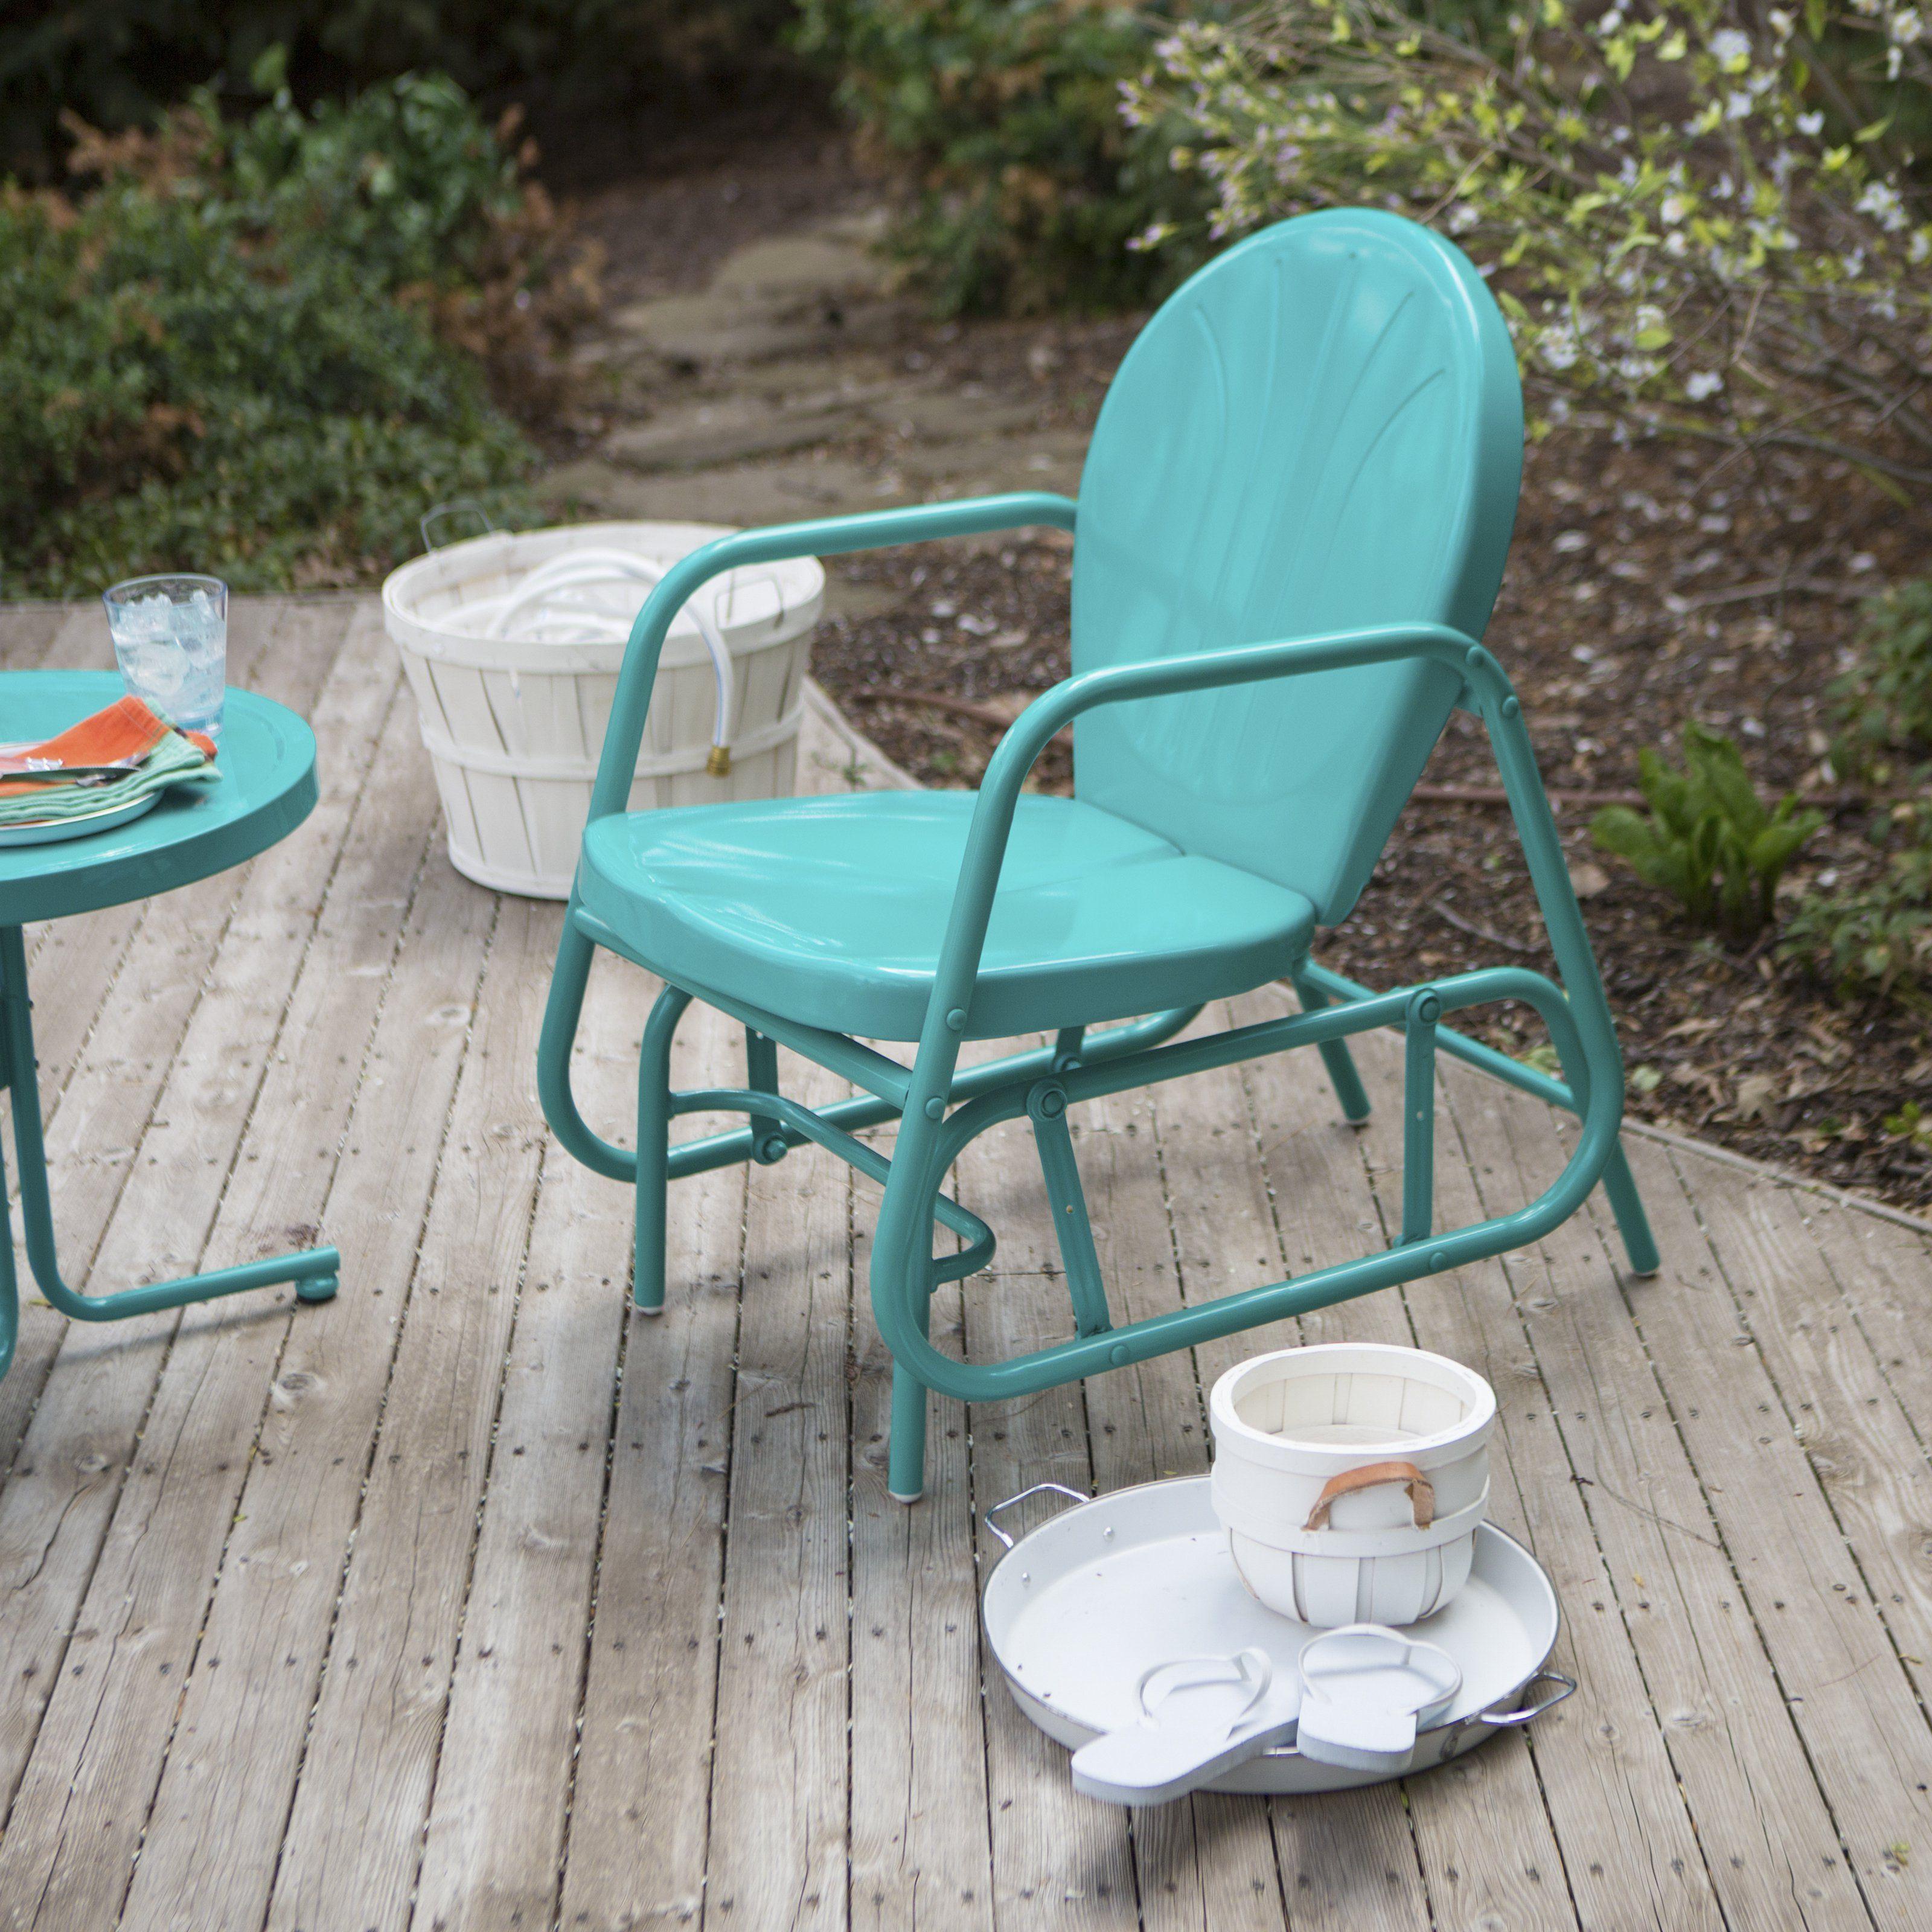 Coral Coast Vintage Retro Outdoor Glider Chair   Hayneedle